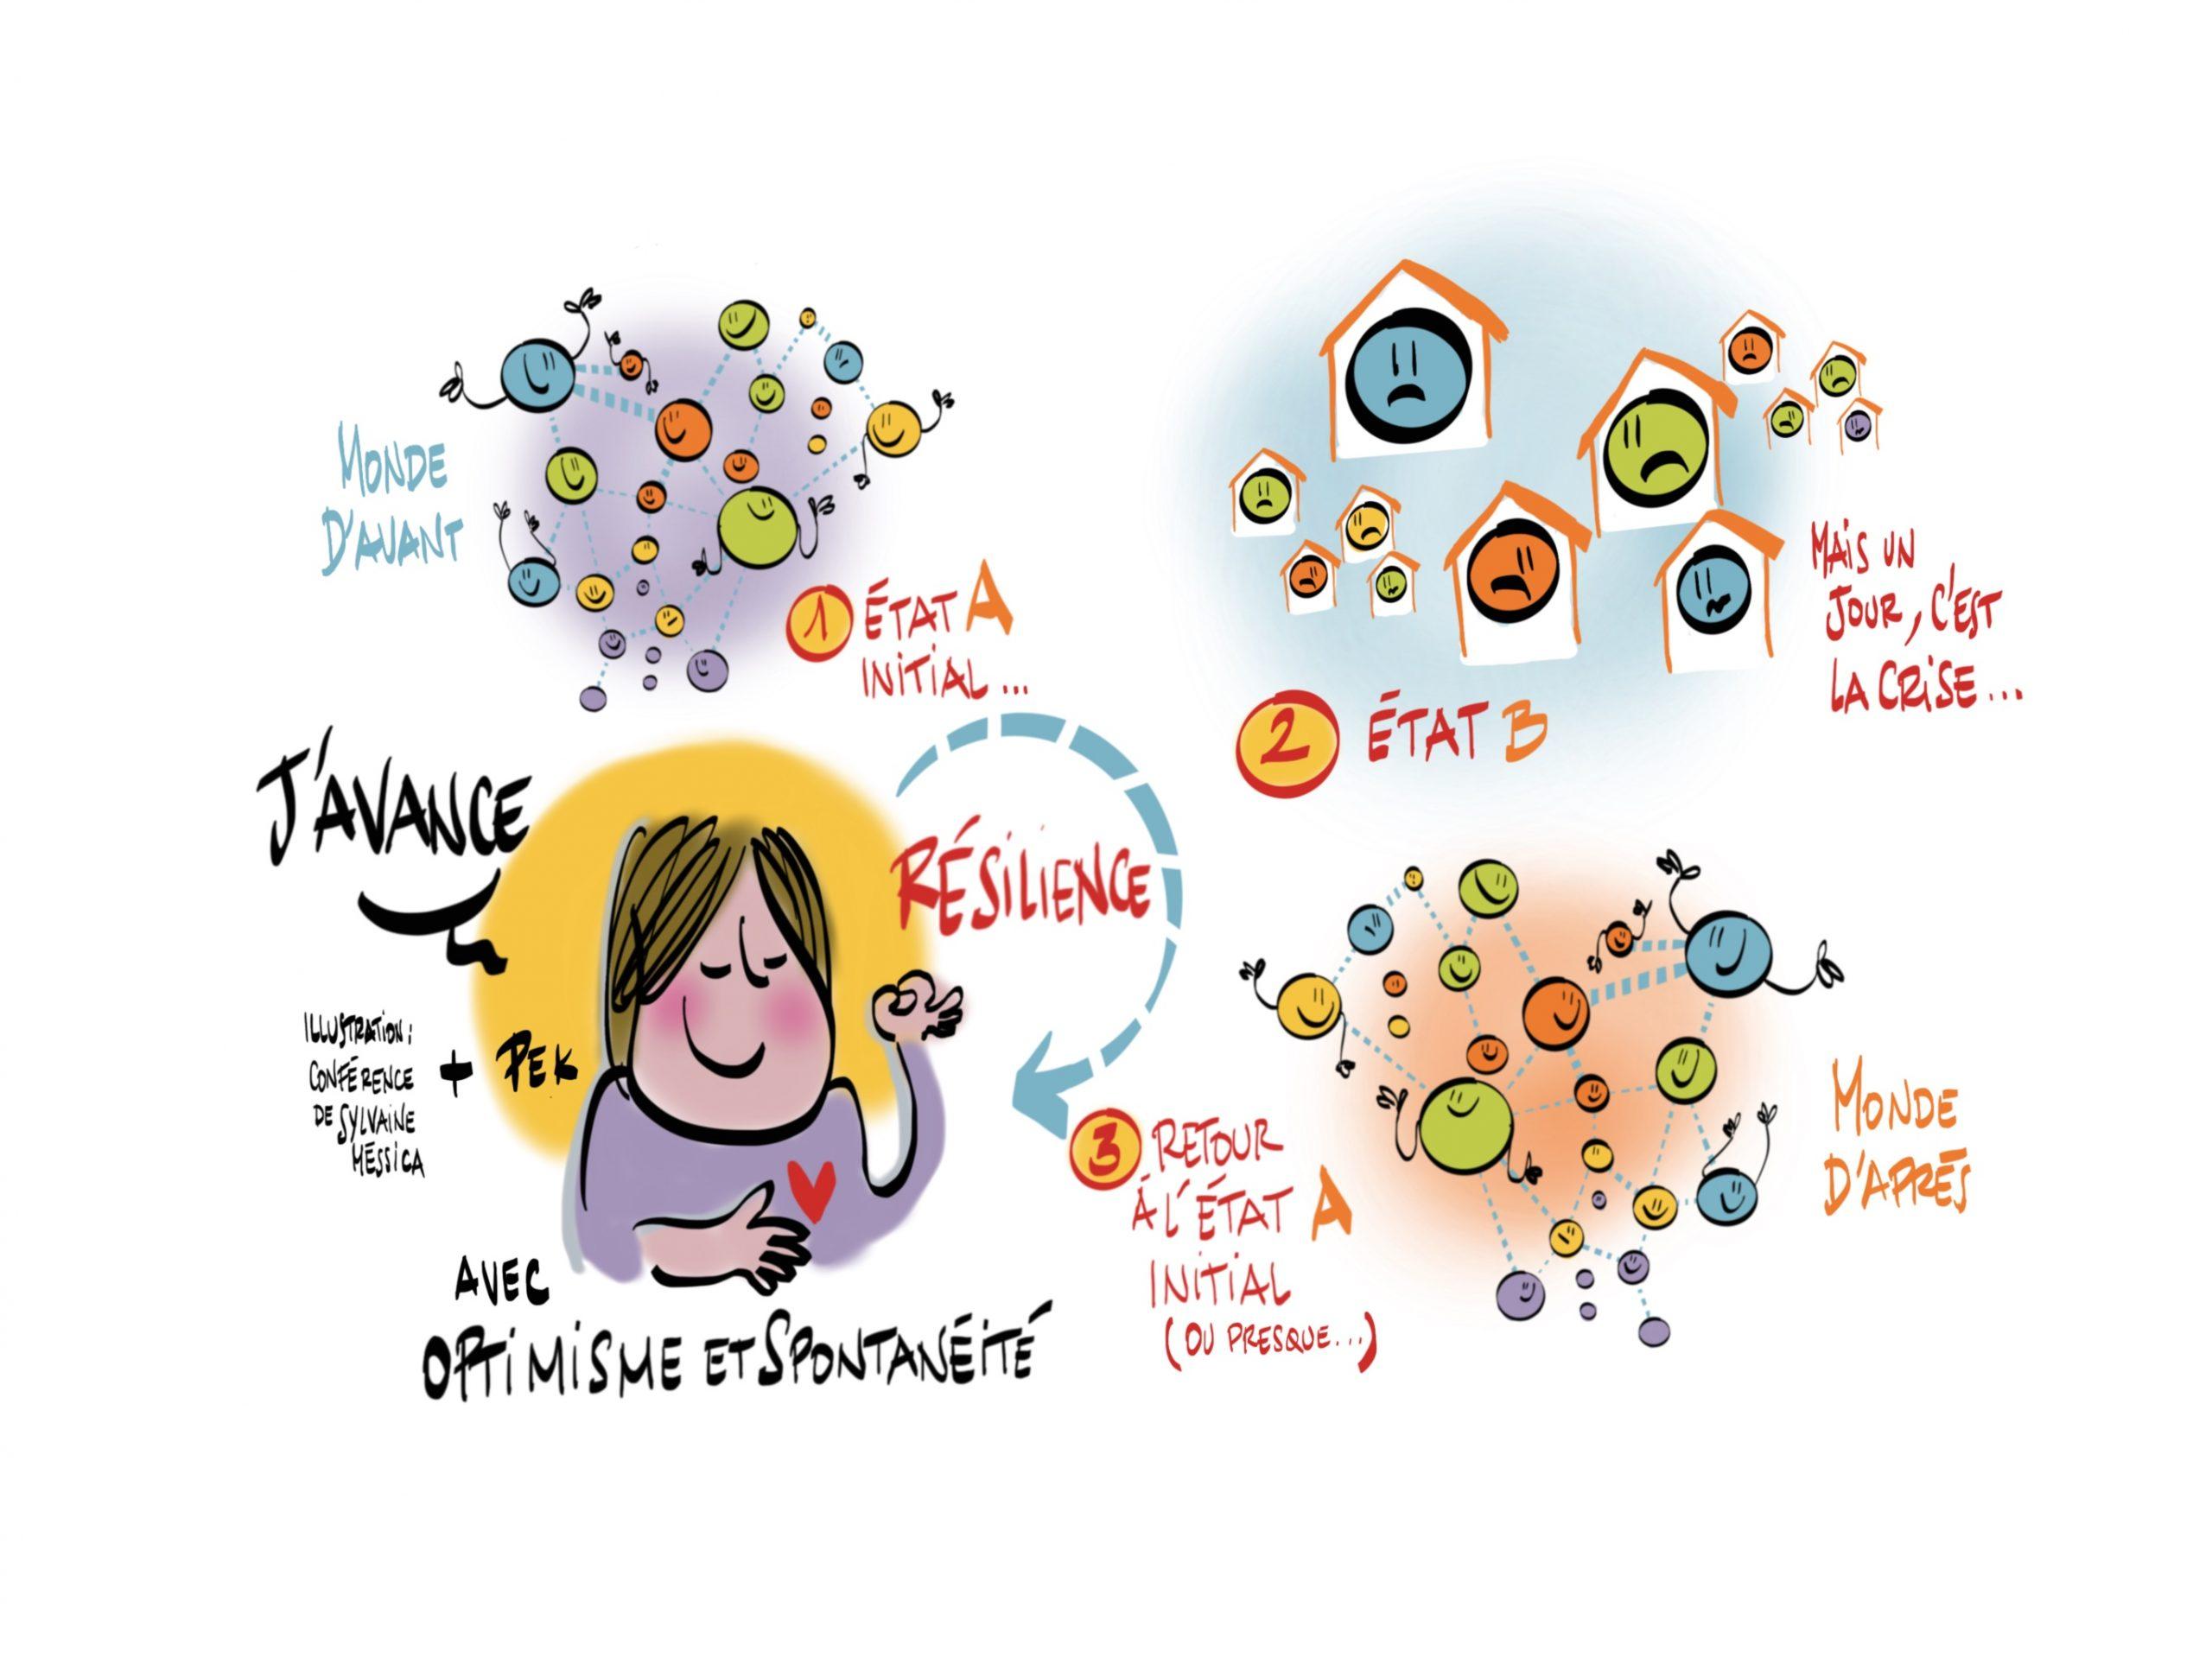 La résilience selon Sylvaine Messica, illustration Philippe-Elie Kassabi crédit PEK